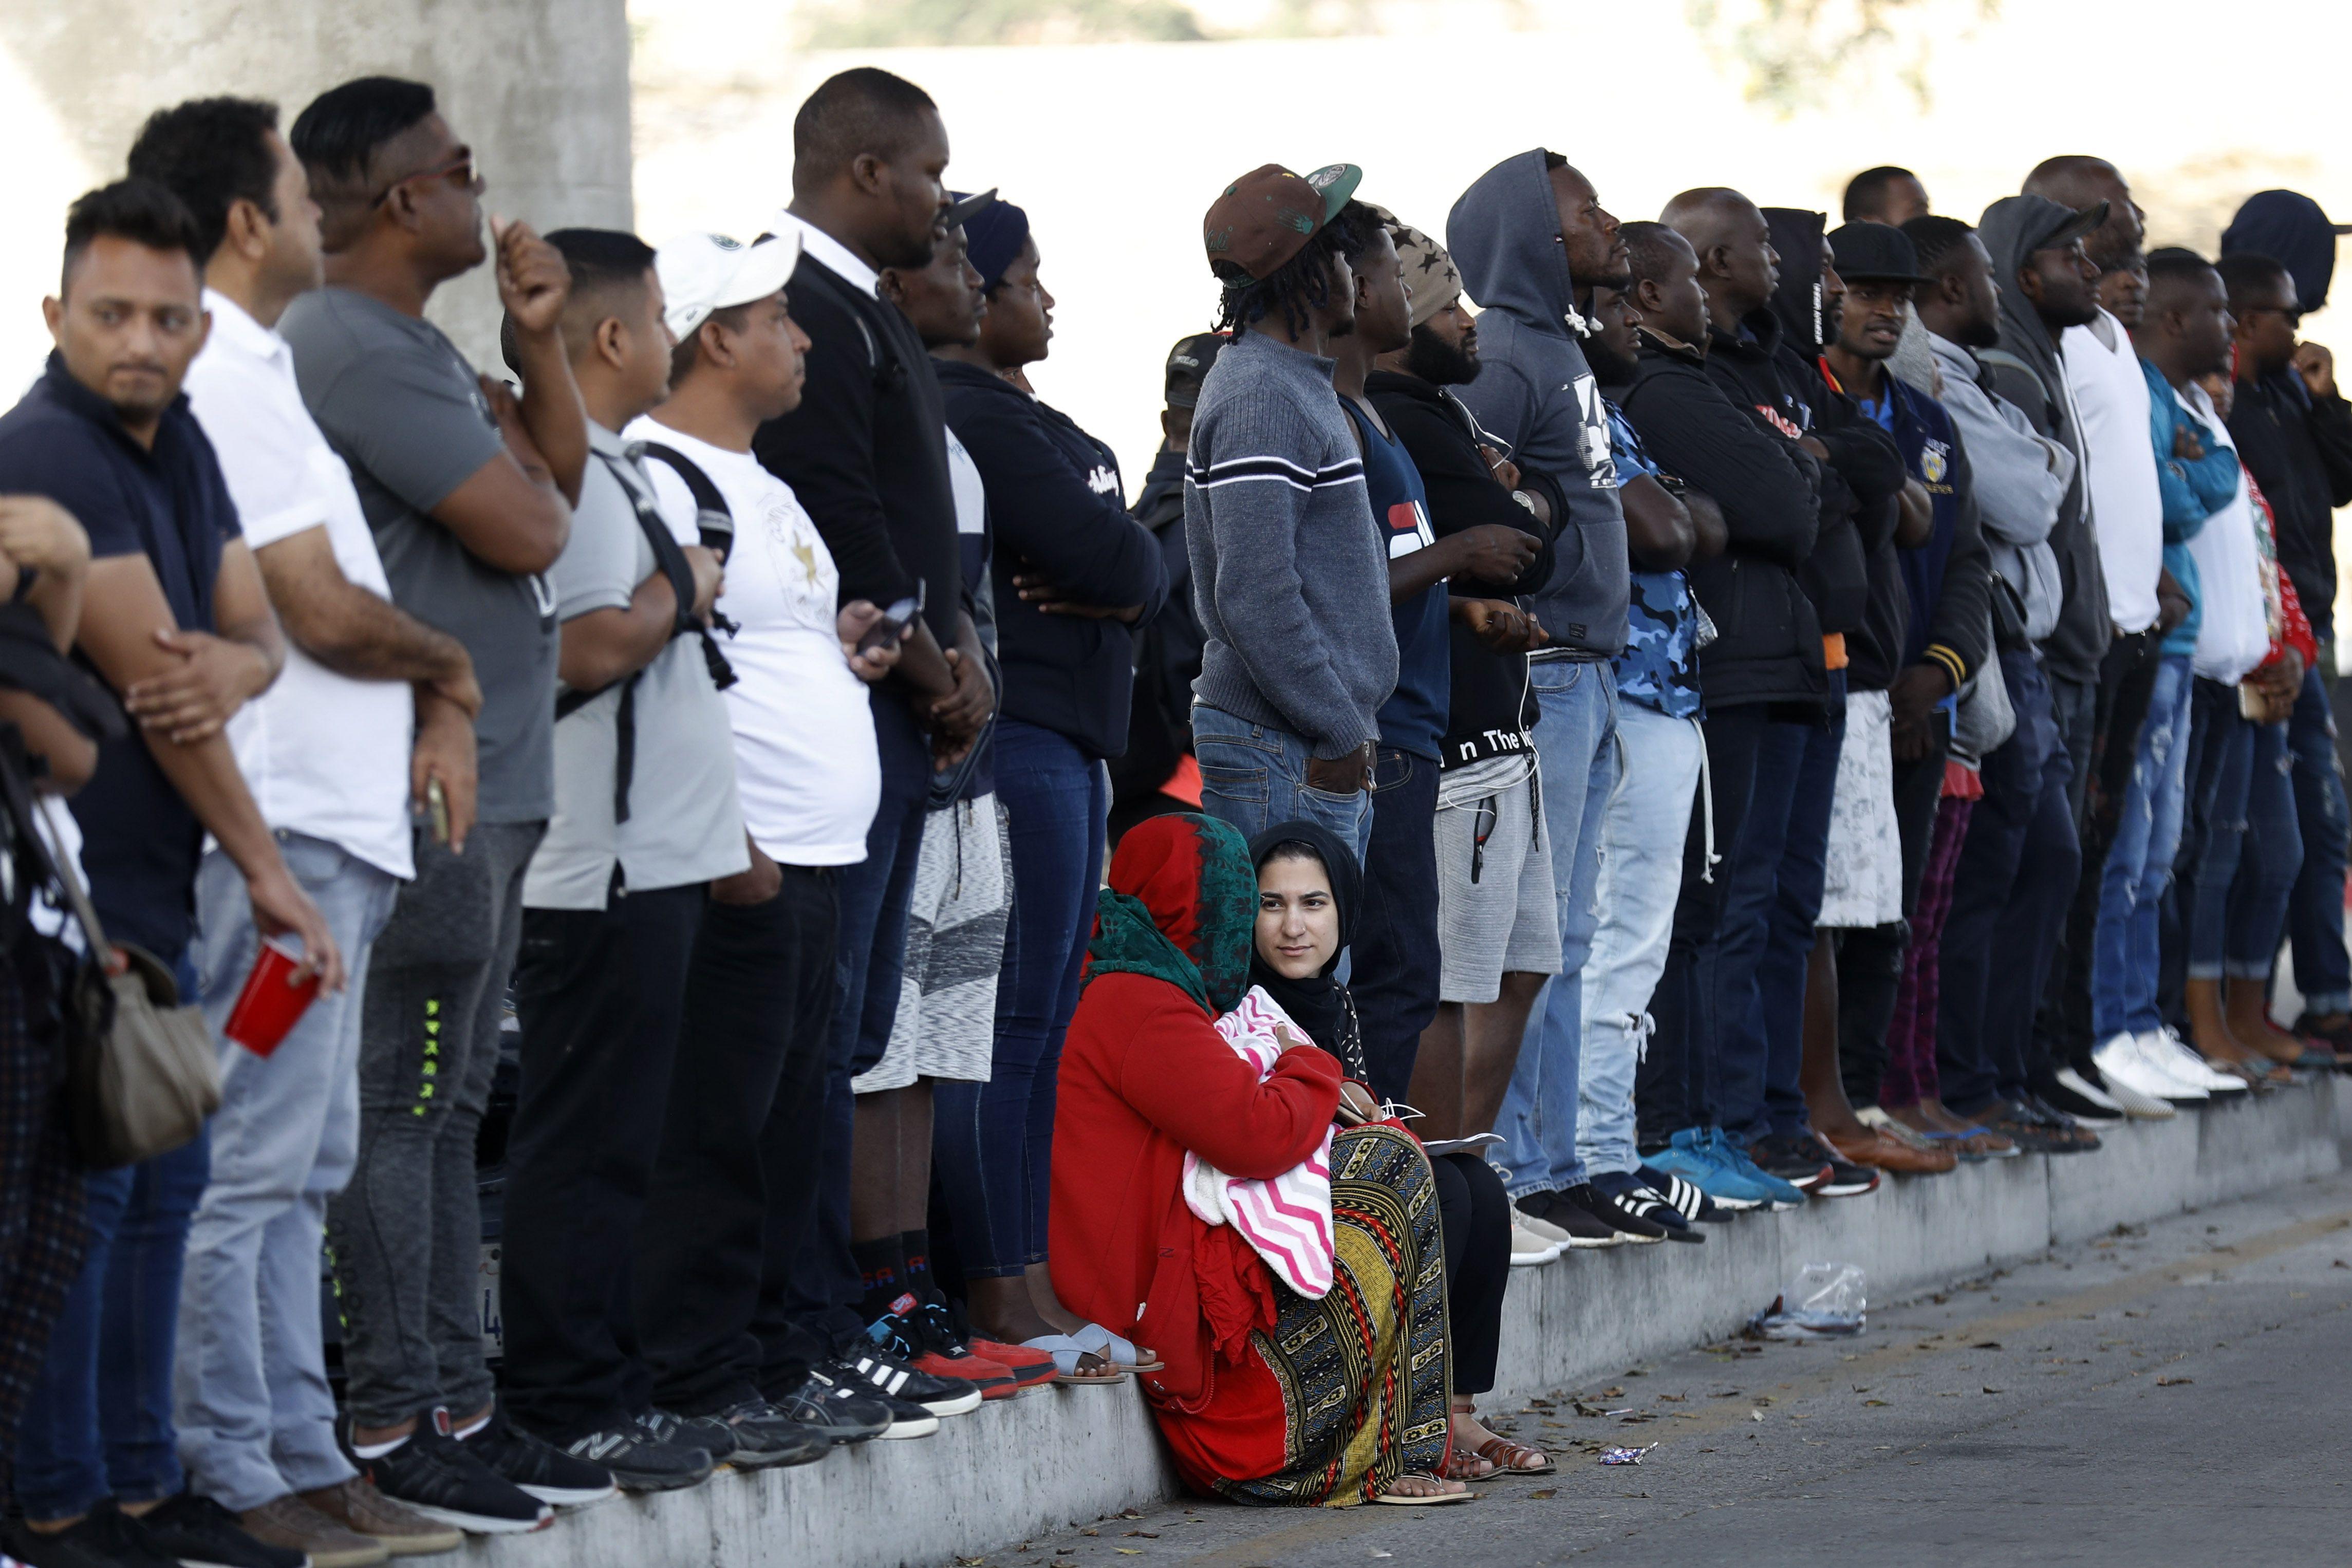 EEUU: Negar asilo podría agravar hacinamiento de migrantes